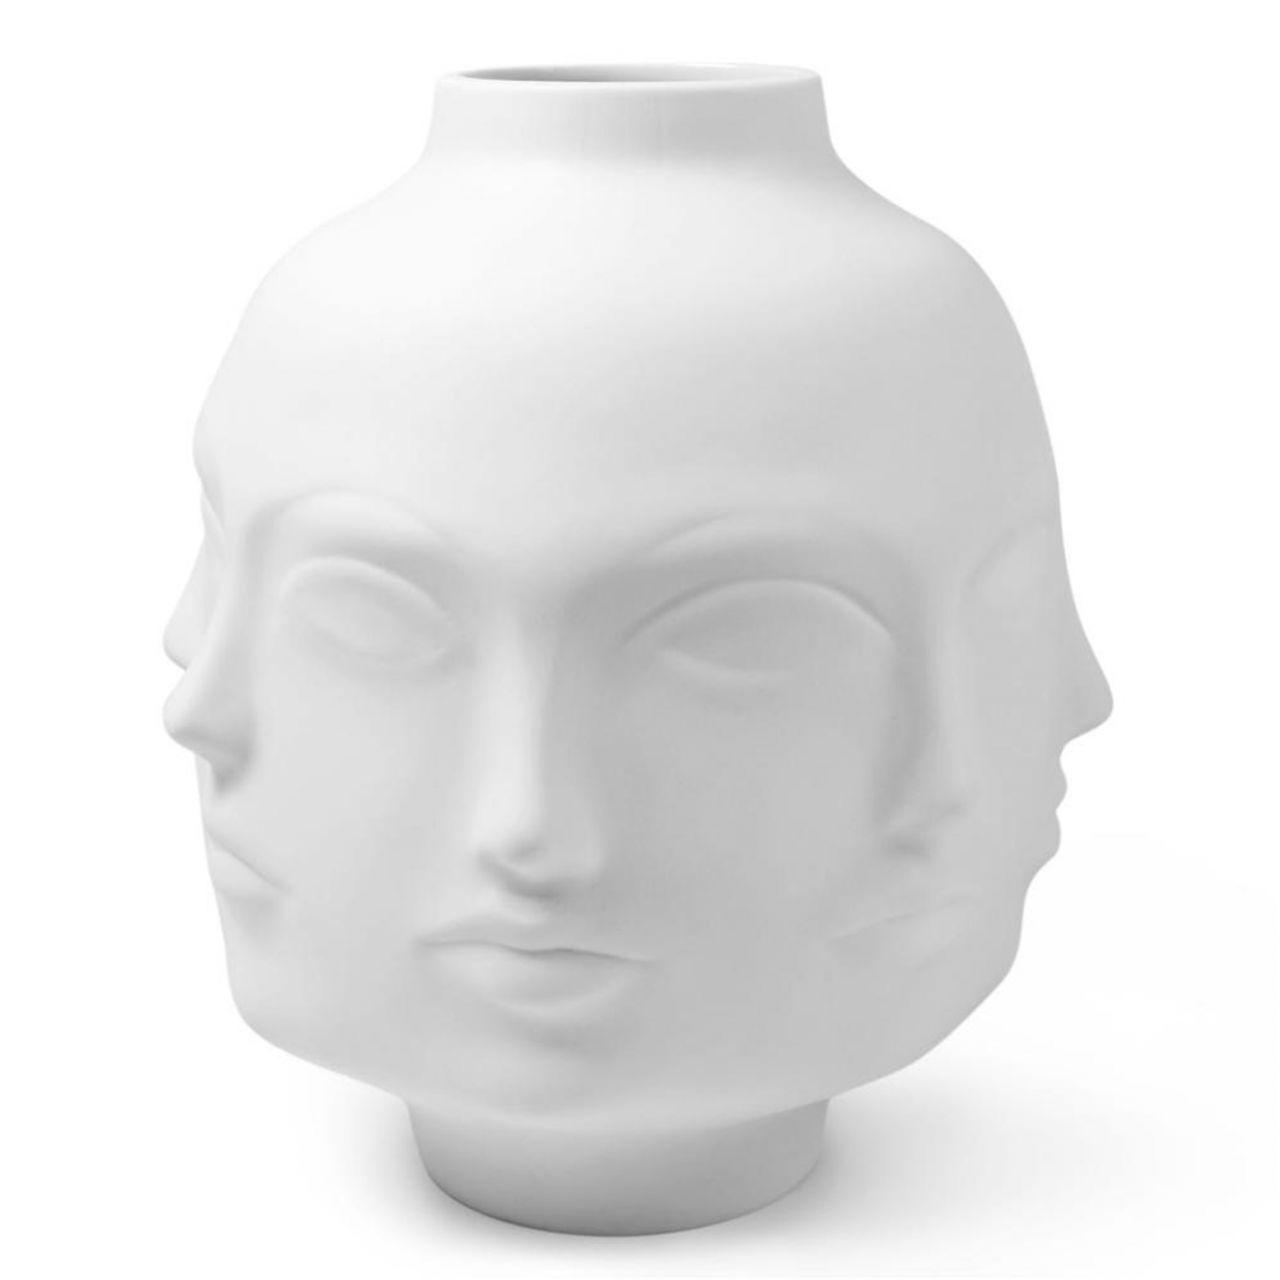 Jonathan Adler - Dora Maar Vase 153